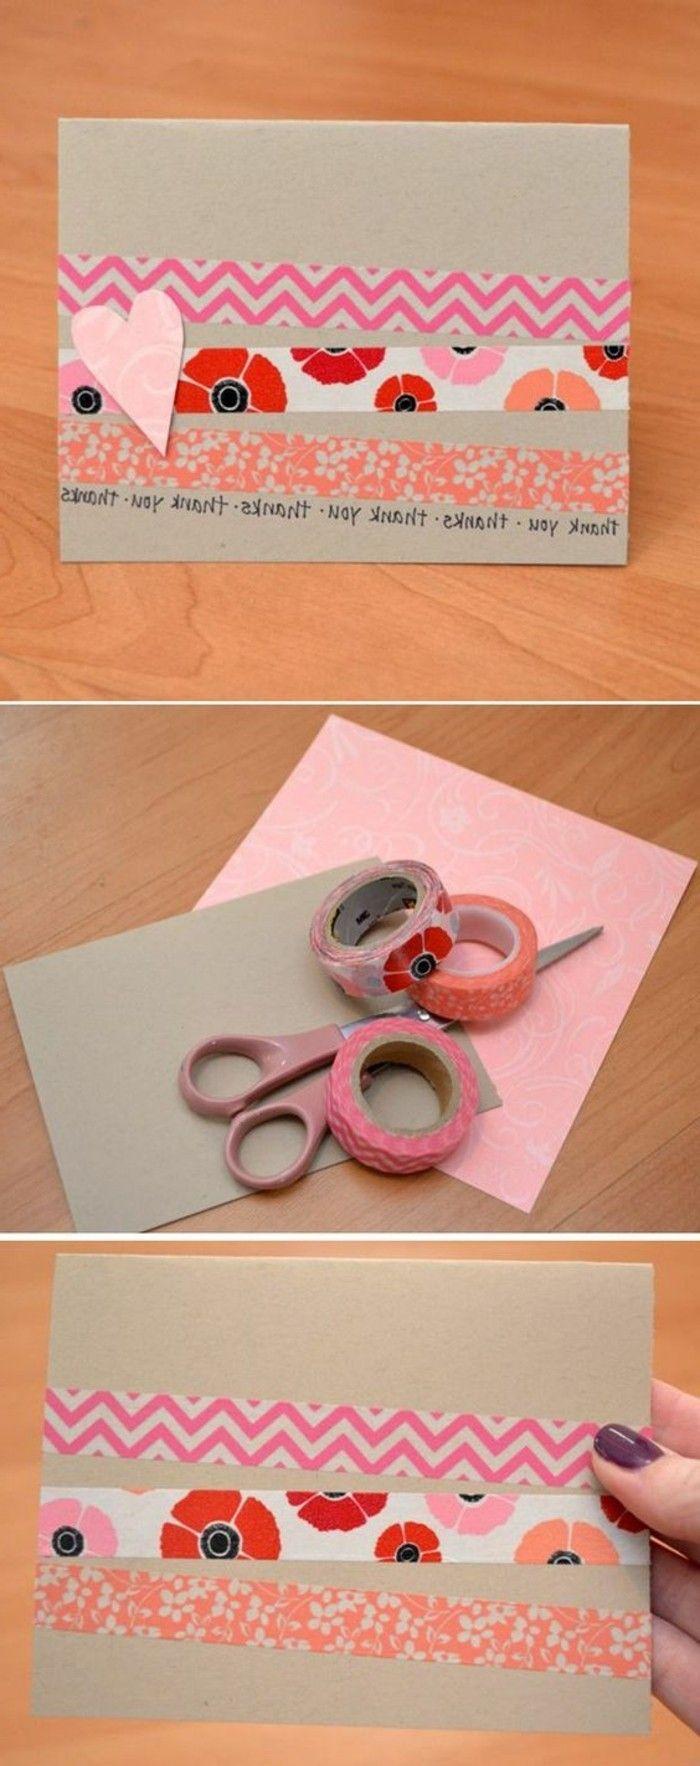 masking tape idées de cartes DIY, une superbe carte de remerciement à motifs patchwork